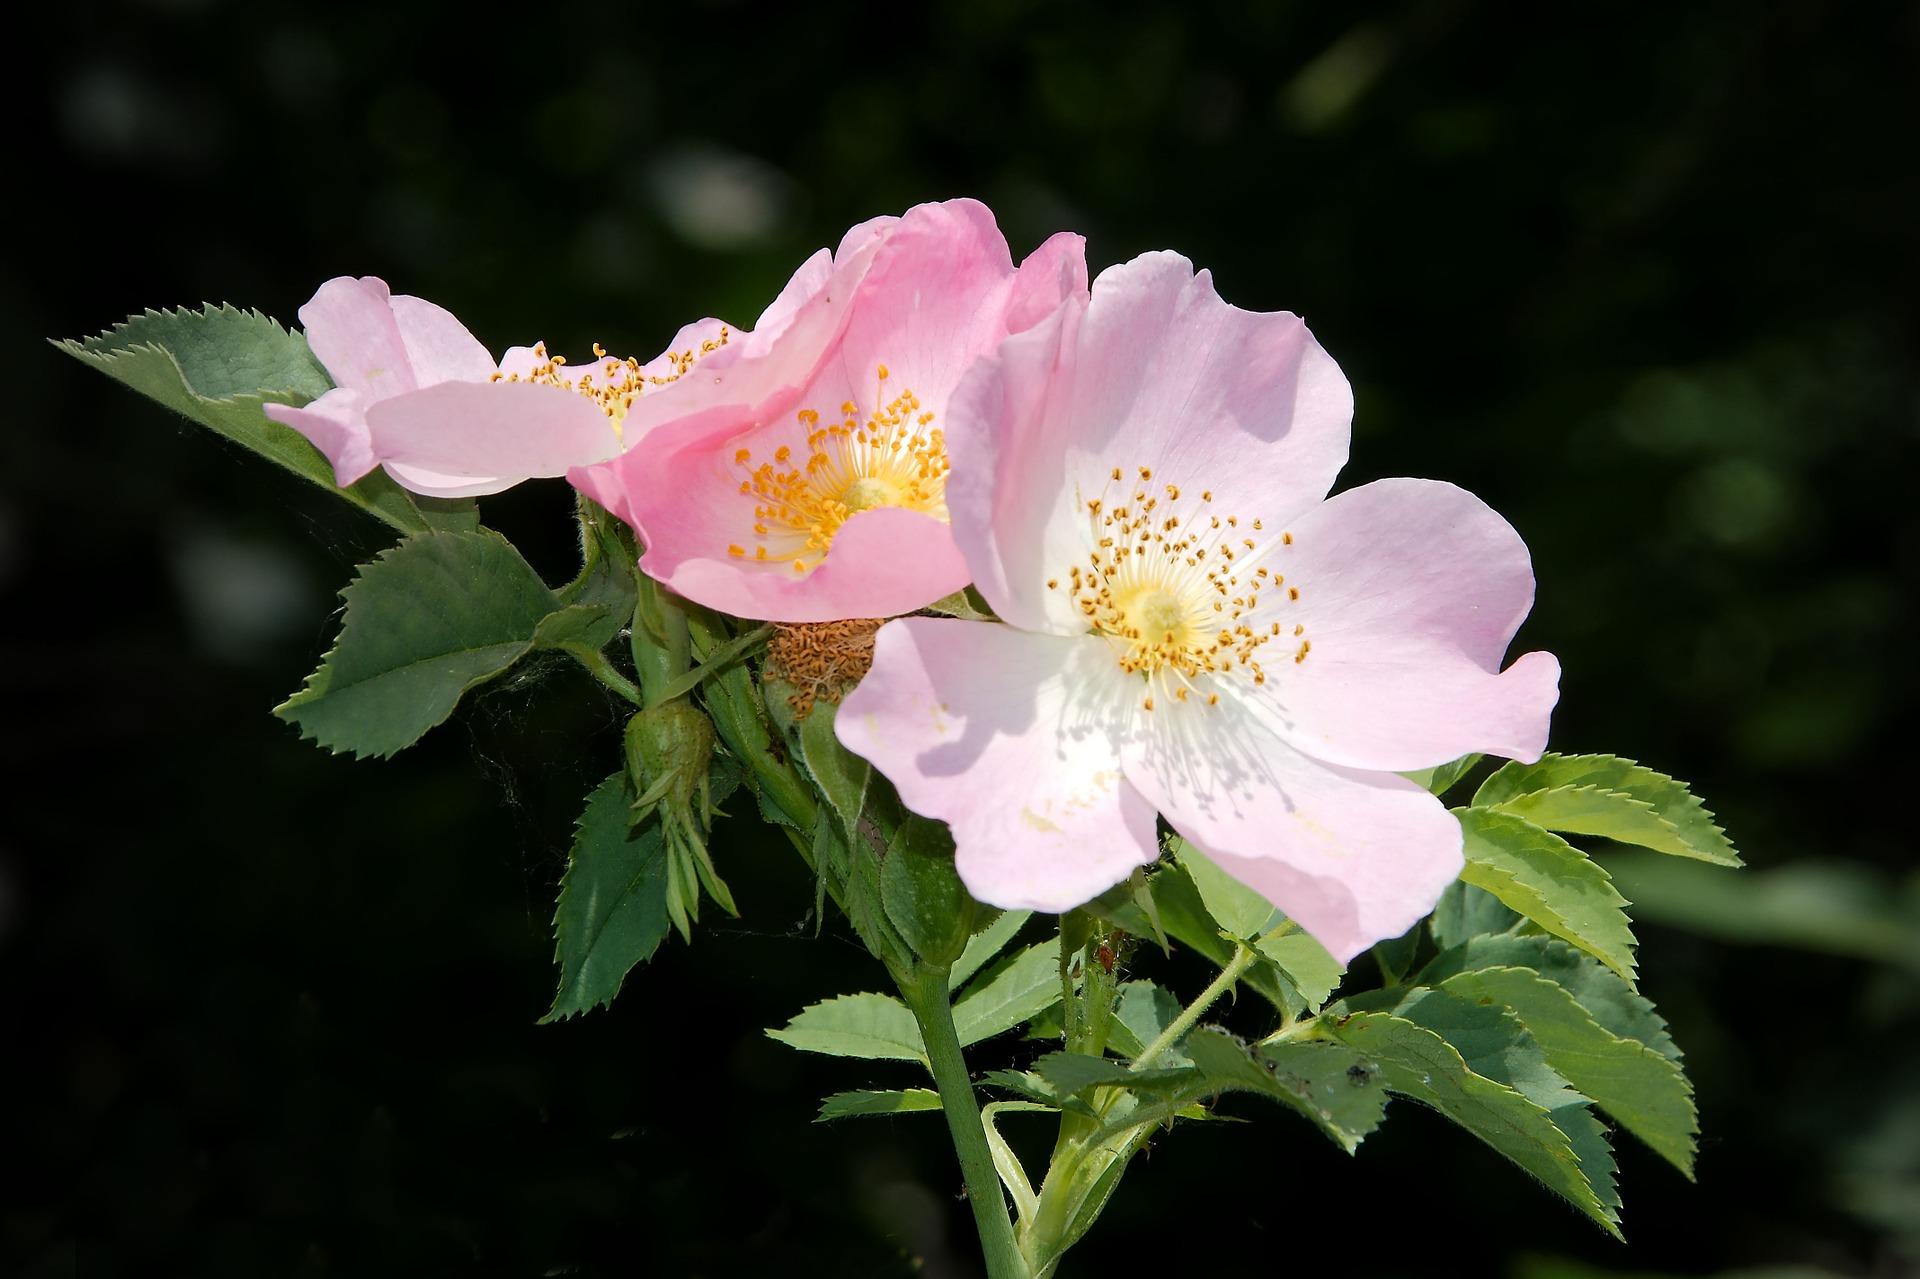 wild-rose-1428340_1920